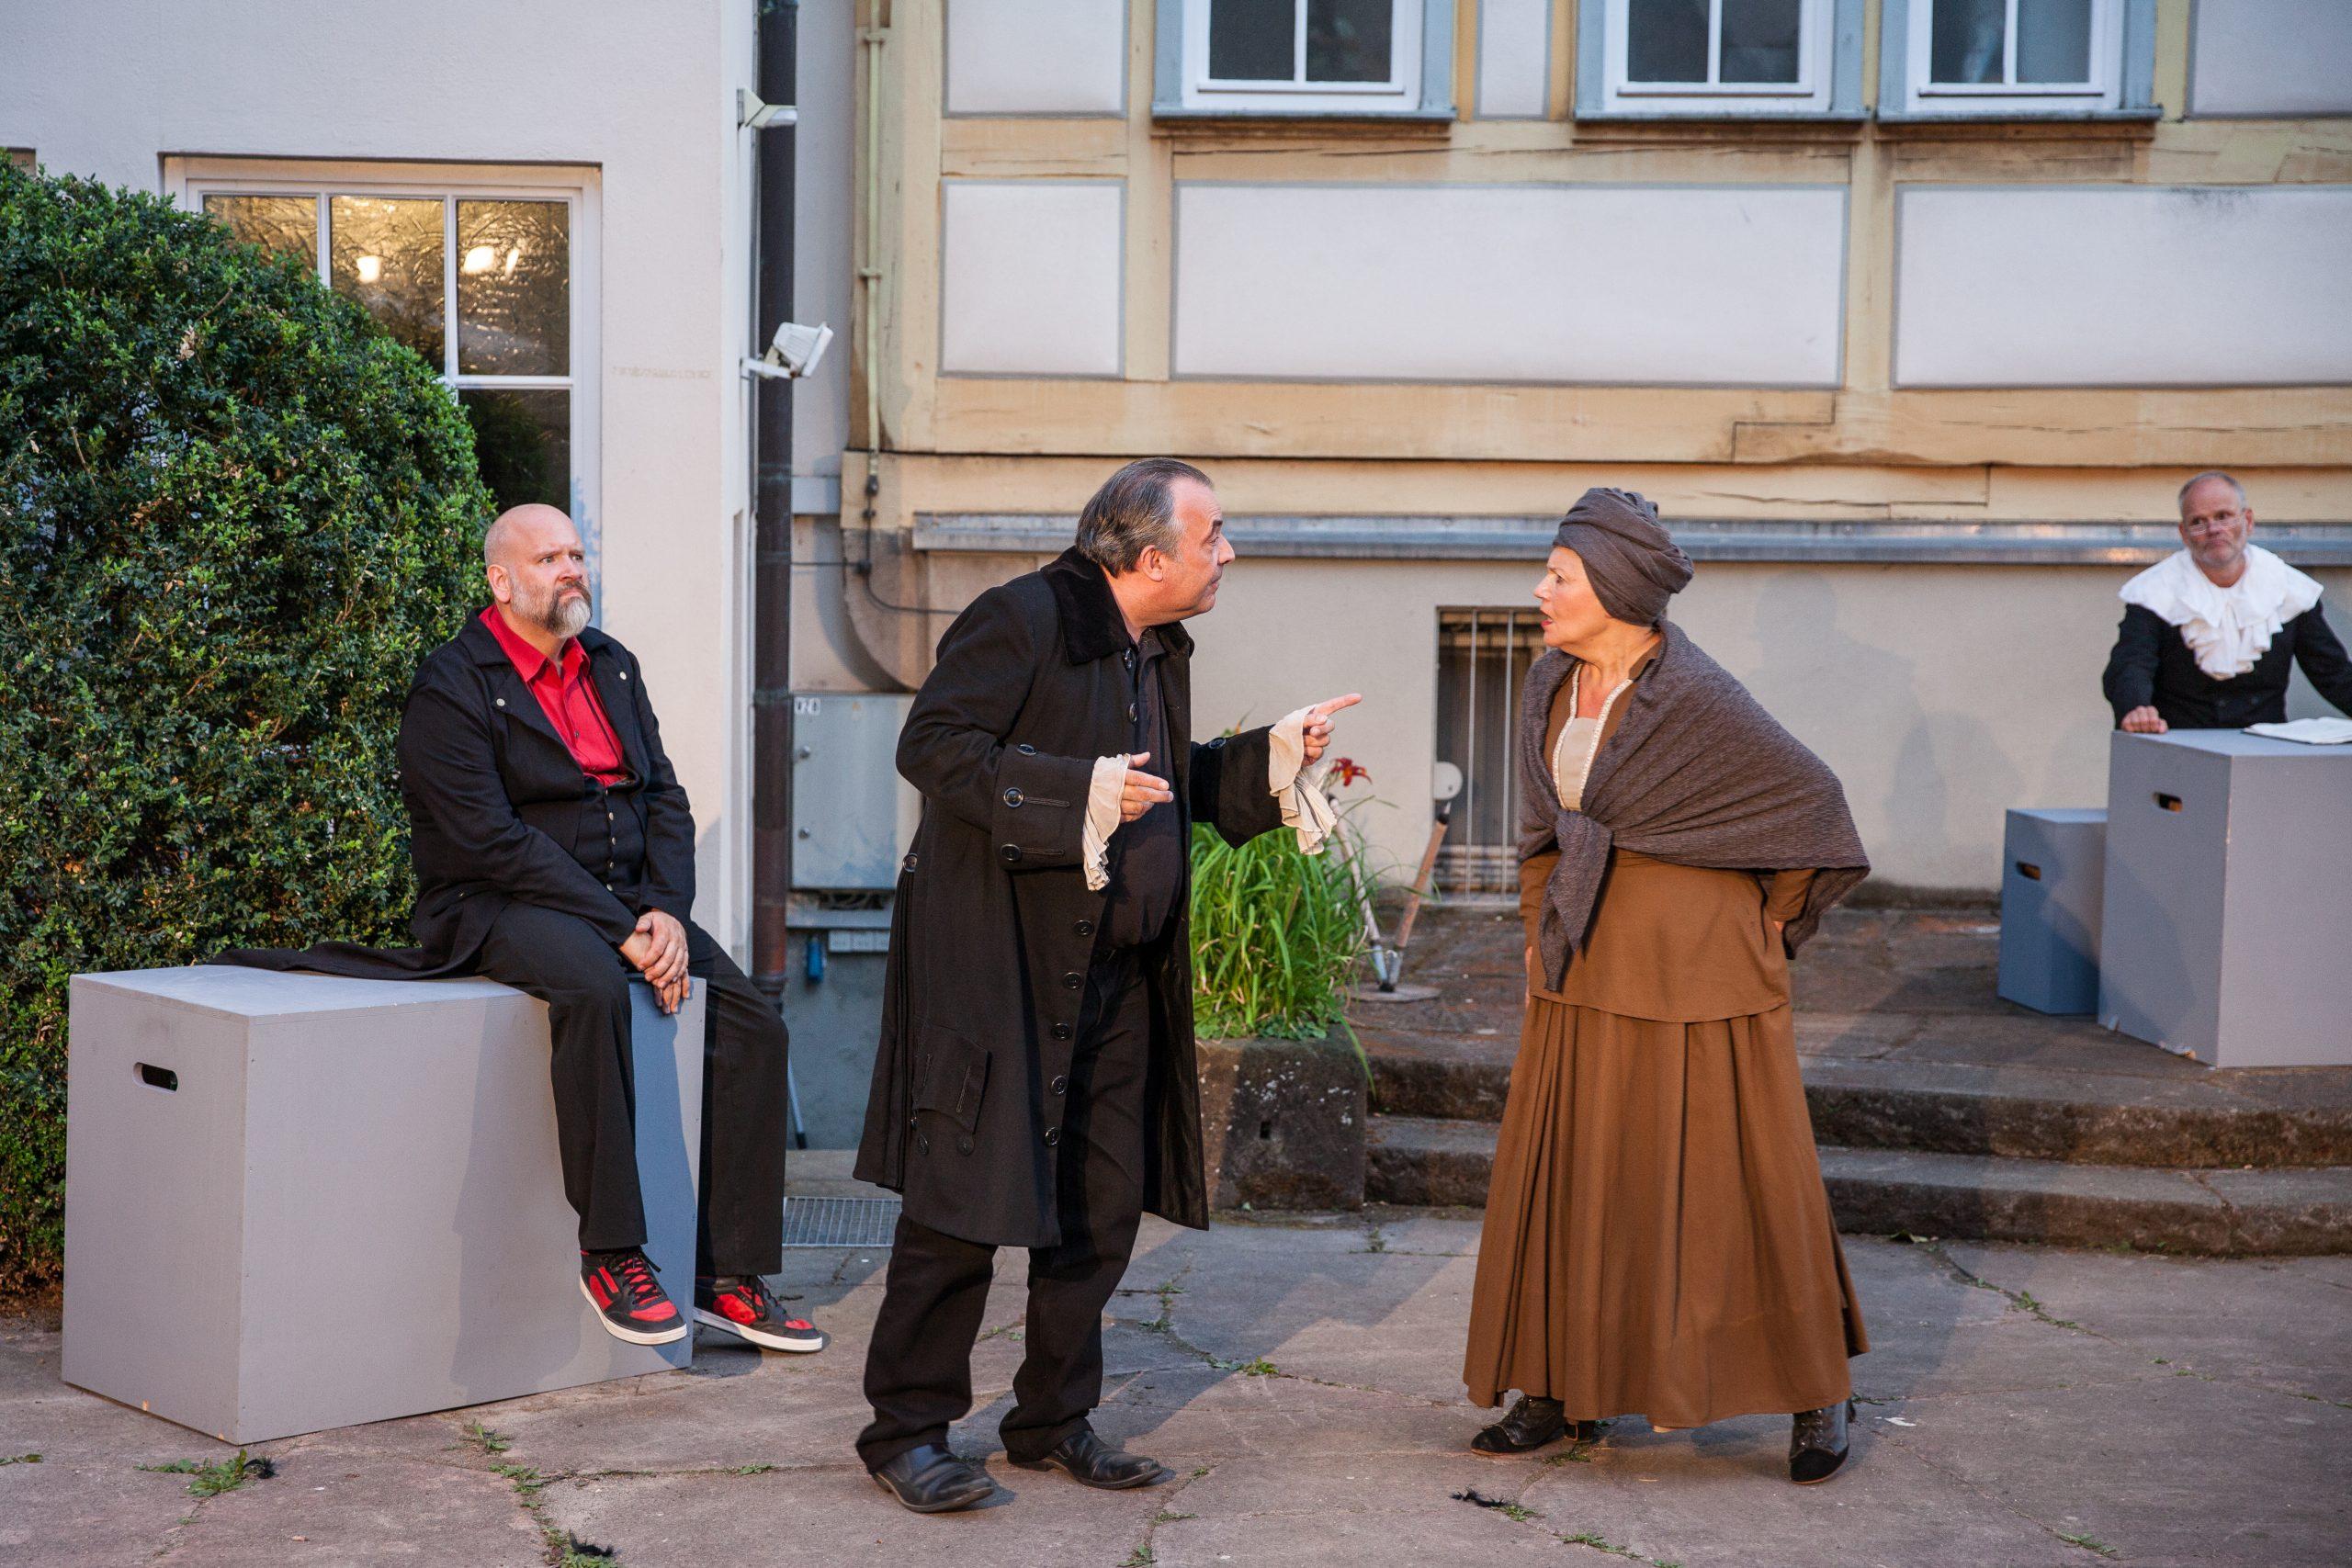 Theateraufführung in der Altstadt